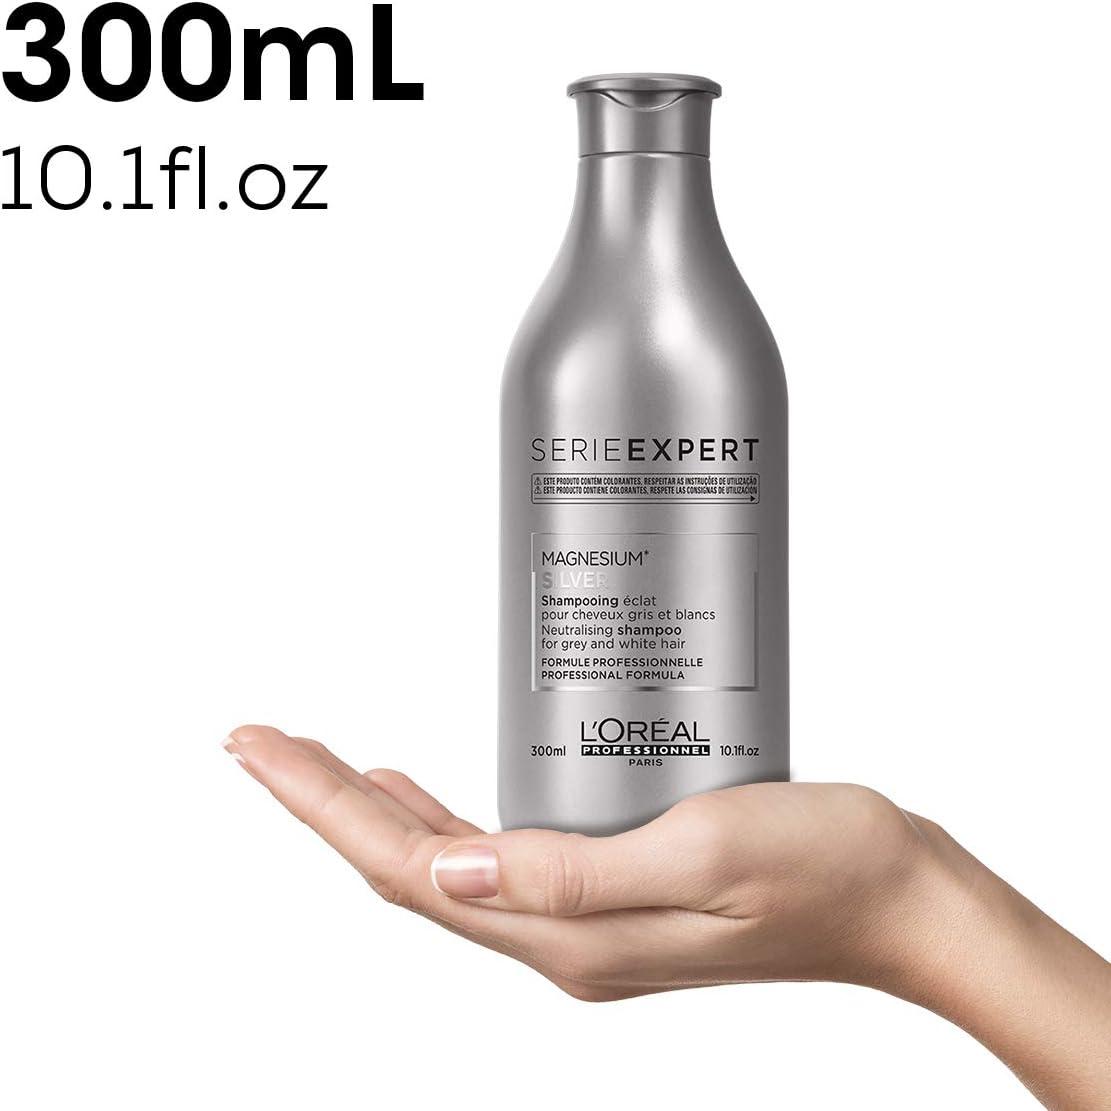 LOréal Professionnel, Champú Silver para Cabellos Blancos y Grises - 300 ml